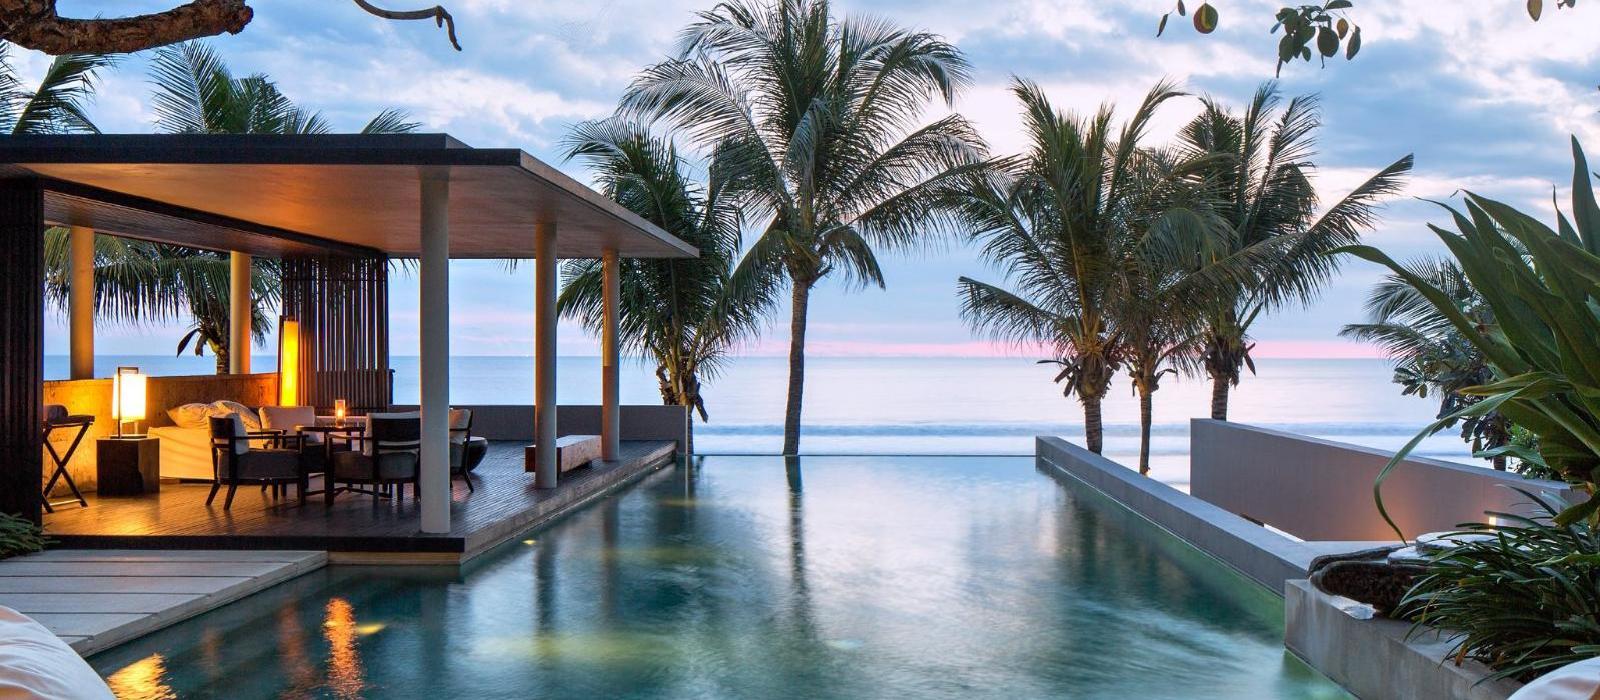 巴厘岛宿睿别墅酒店(Soori Bali) 图片  www.lhw.cn